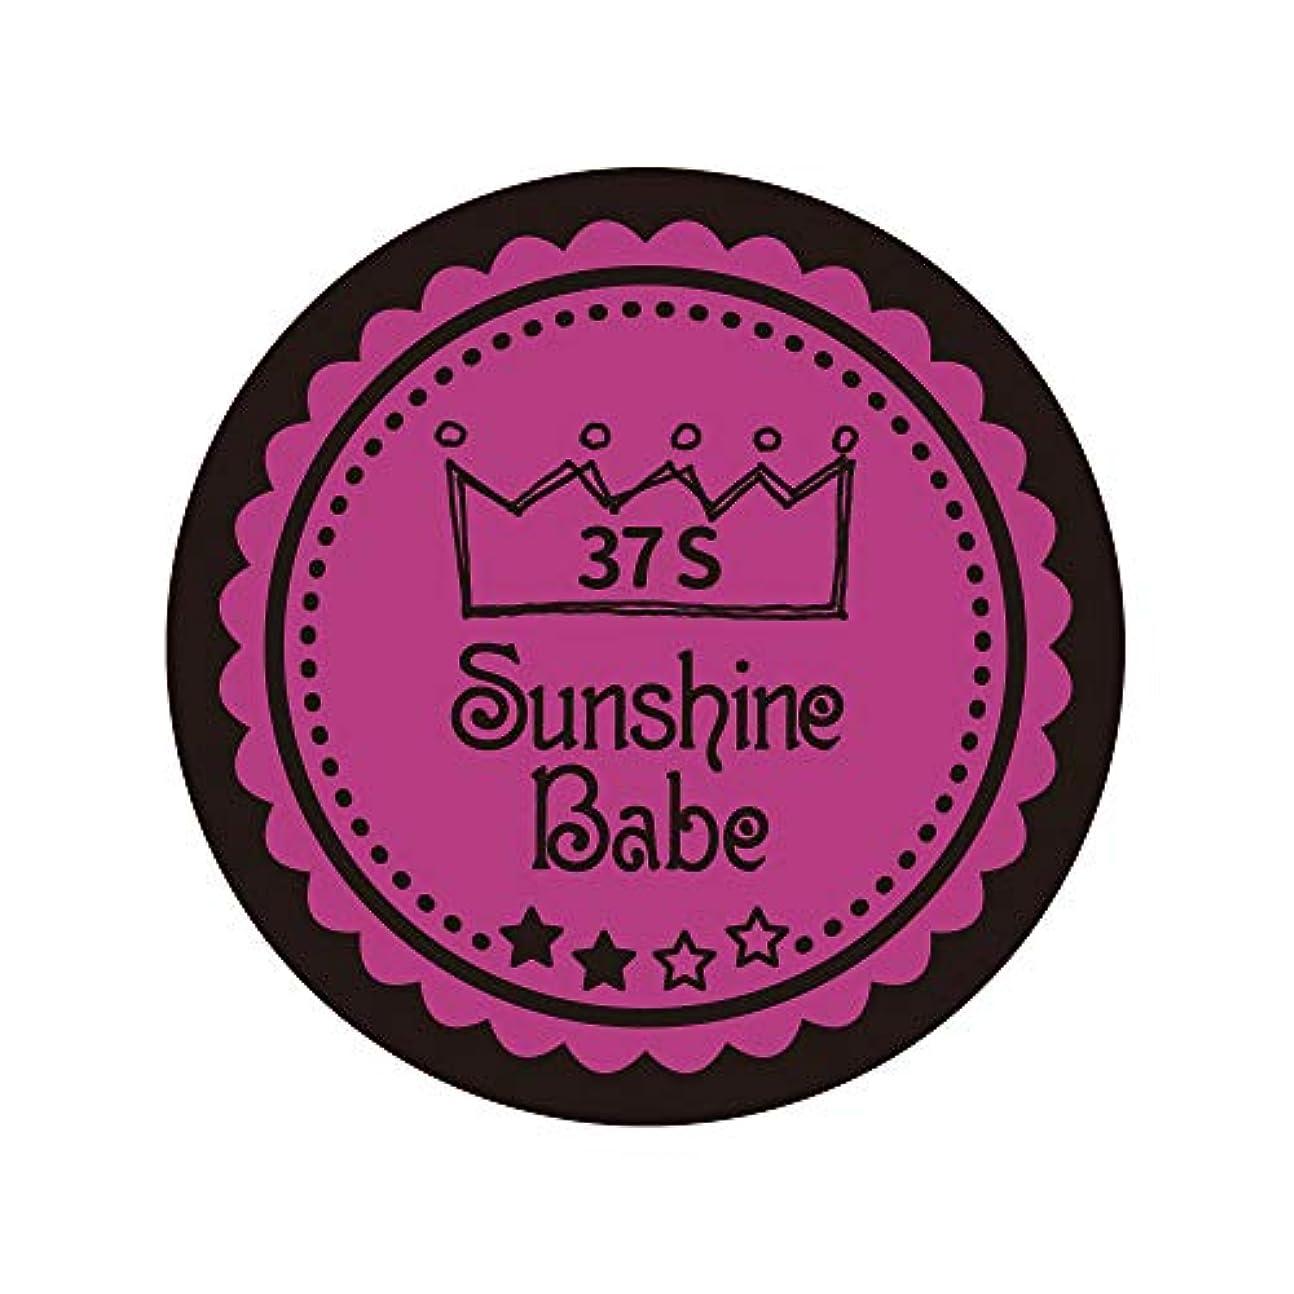 愛されし者アパートしなければならないSunshine Babe カラージェル 37S フューシャピンク 4g UV/LED対応